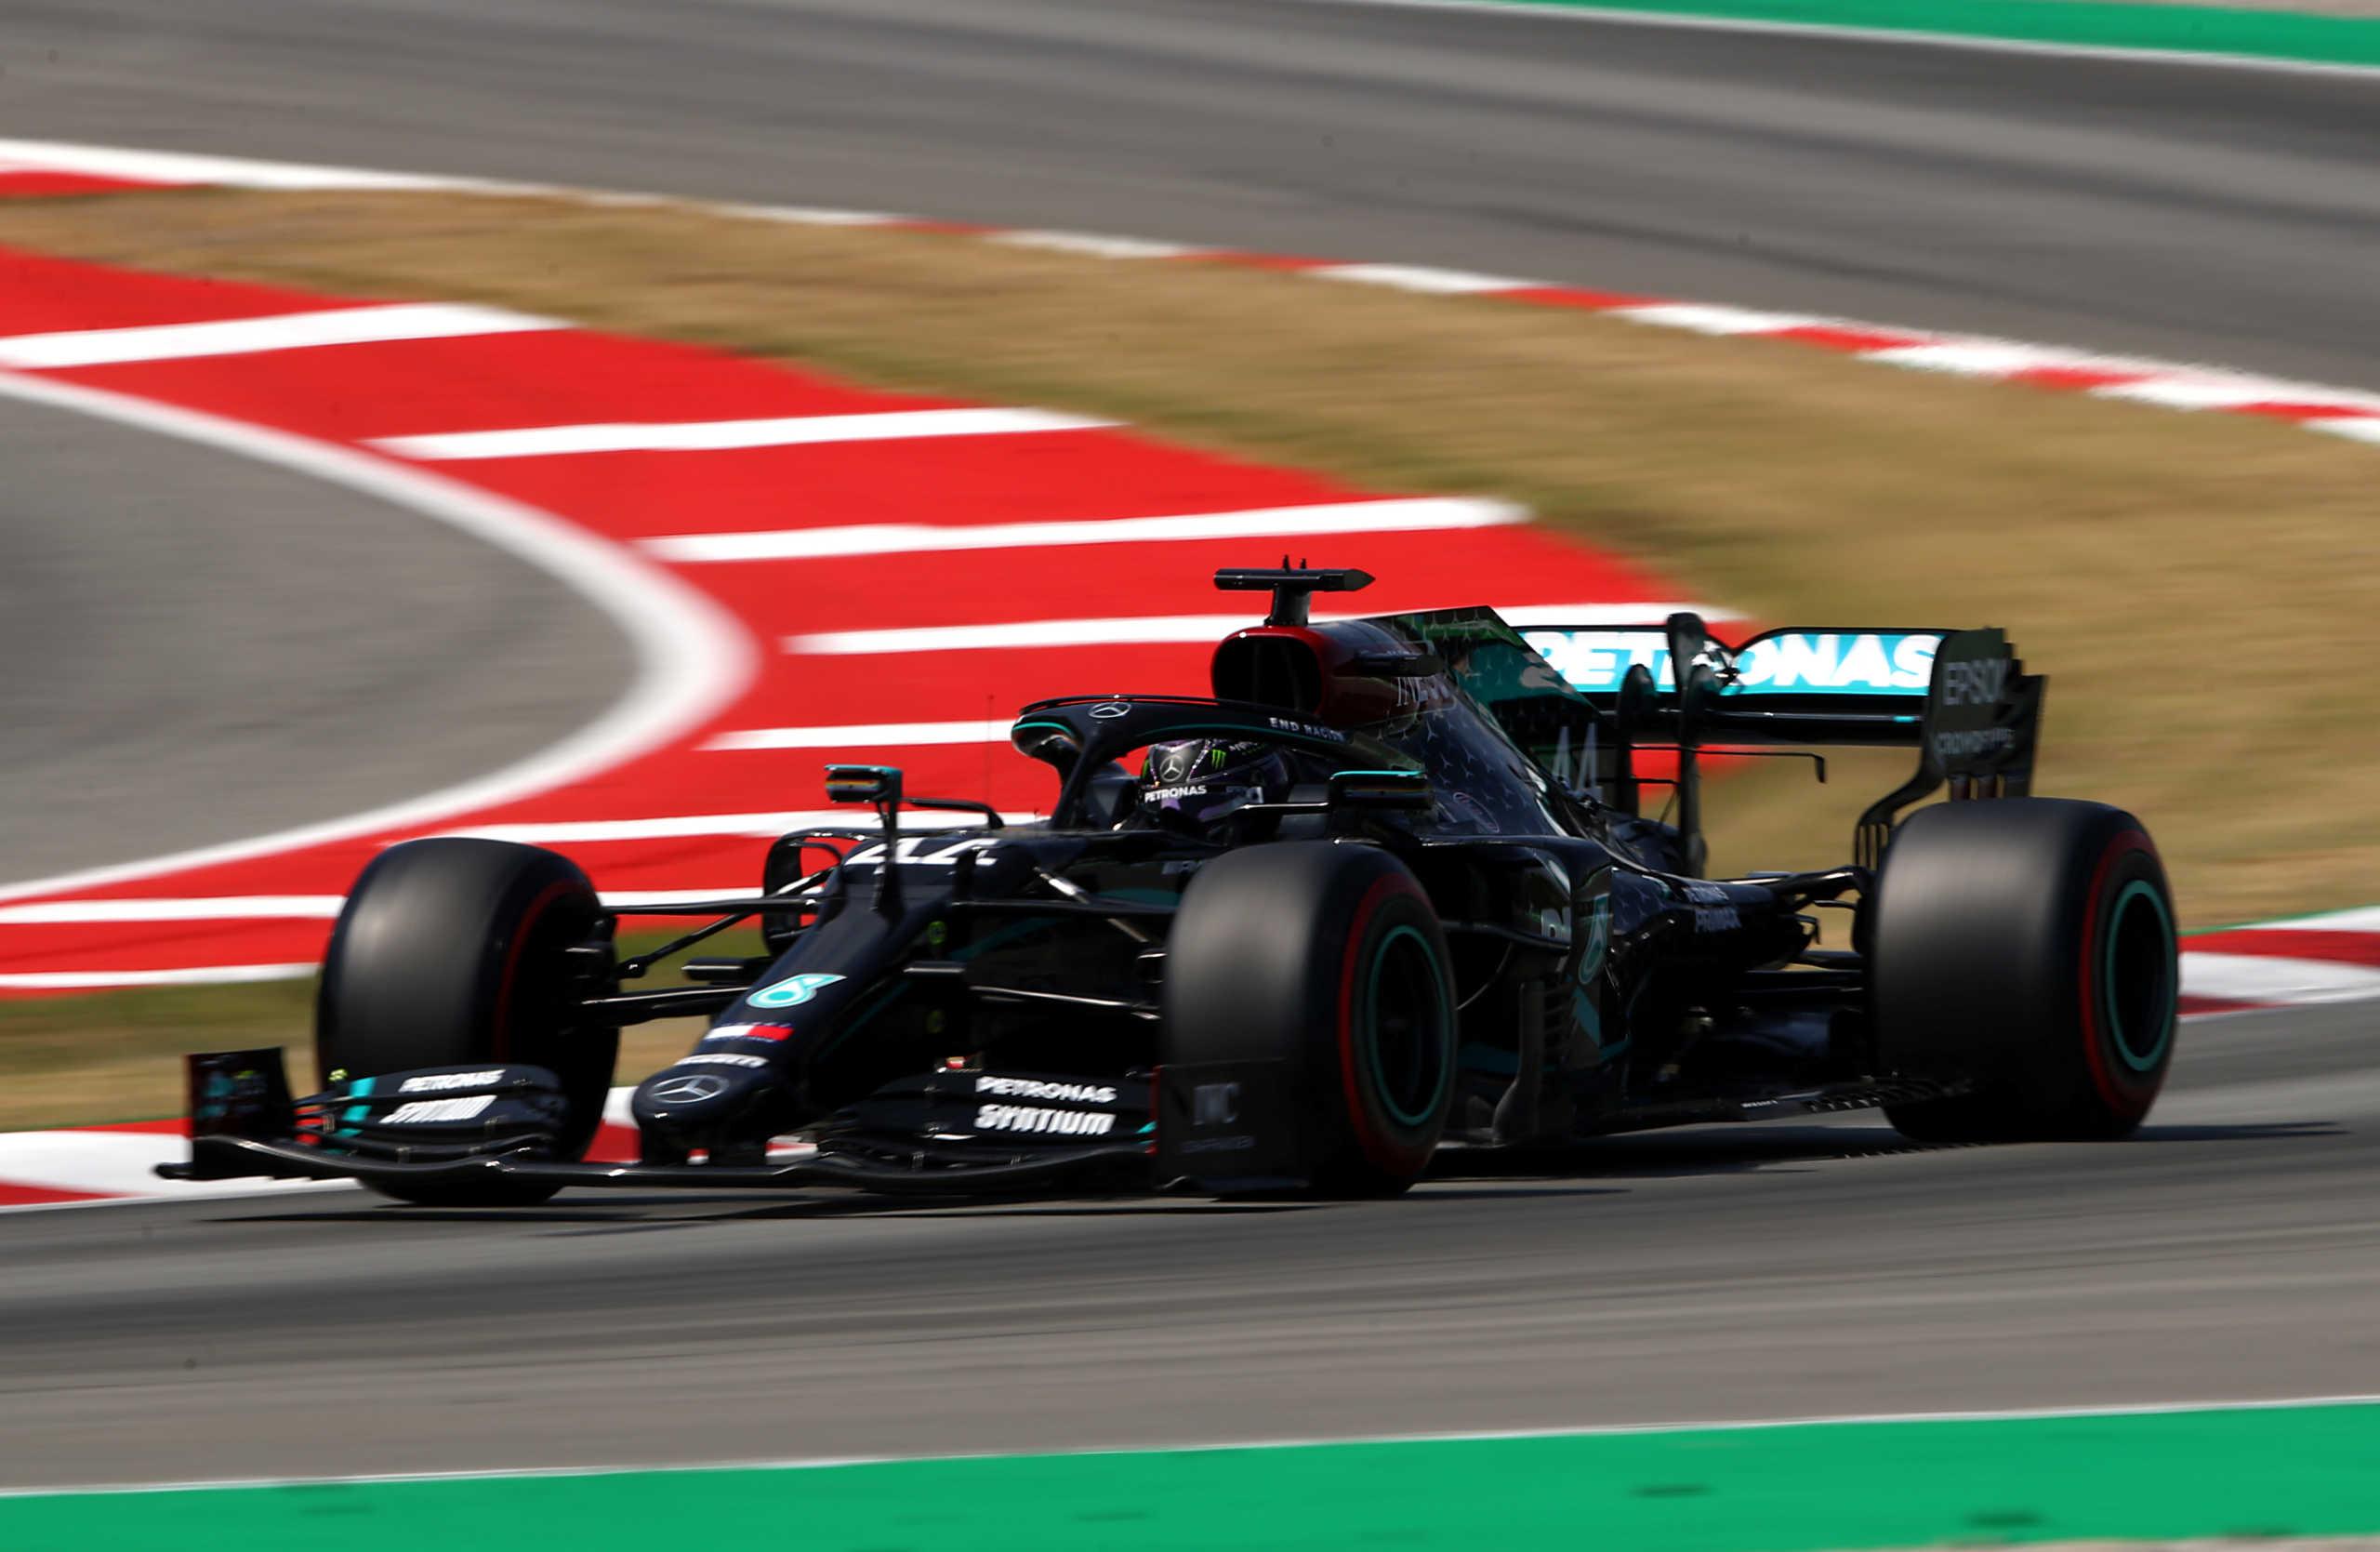 Formula 1: Στην pole position ξανά ο Χάμιλτον – Τρίτος ο Φερστάπεν